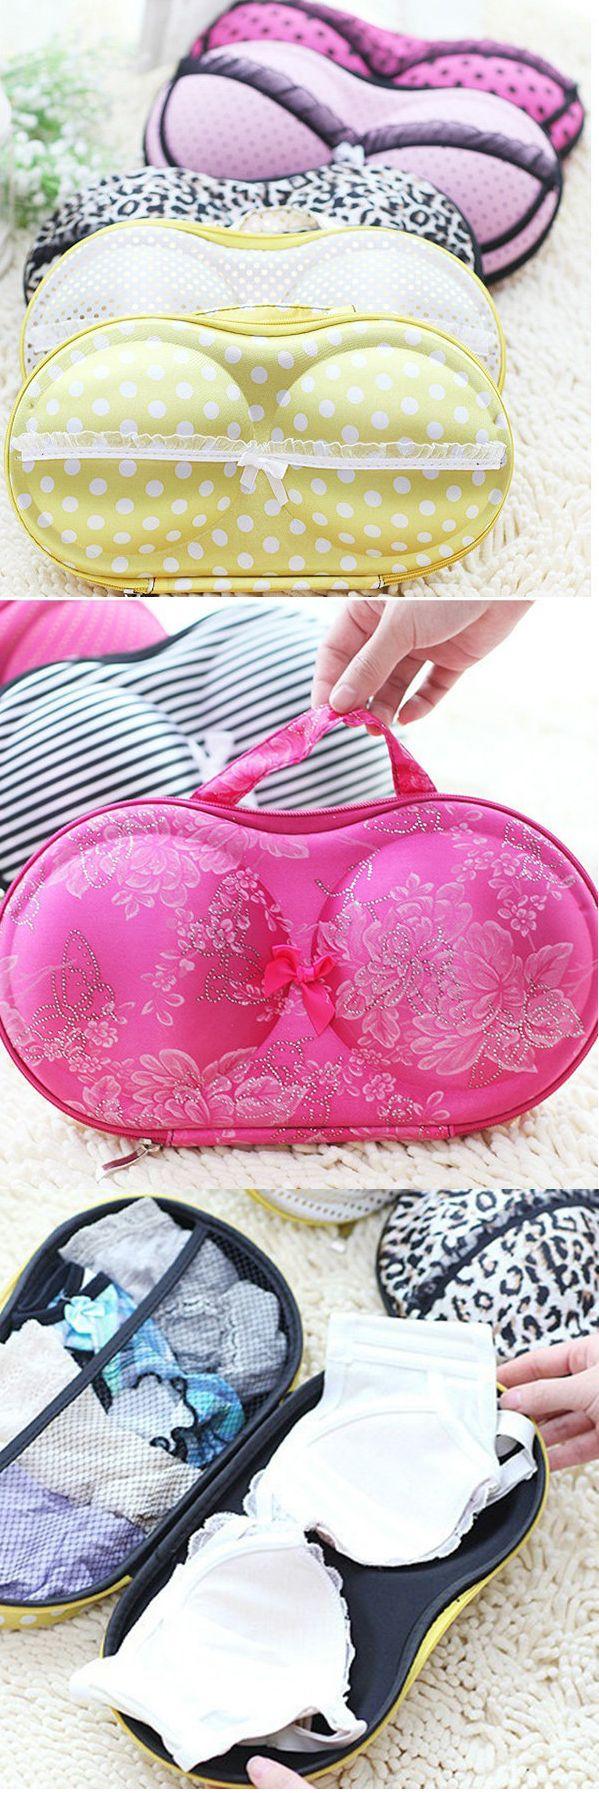 US$9.29 Women Portable Creative Bra Underwear Storage Bag Travel Faschion EVA Storage Containers